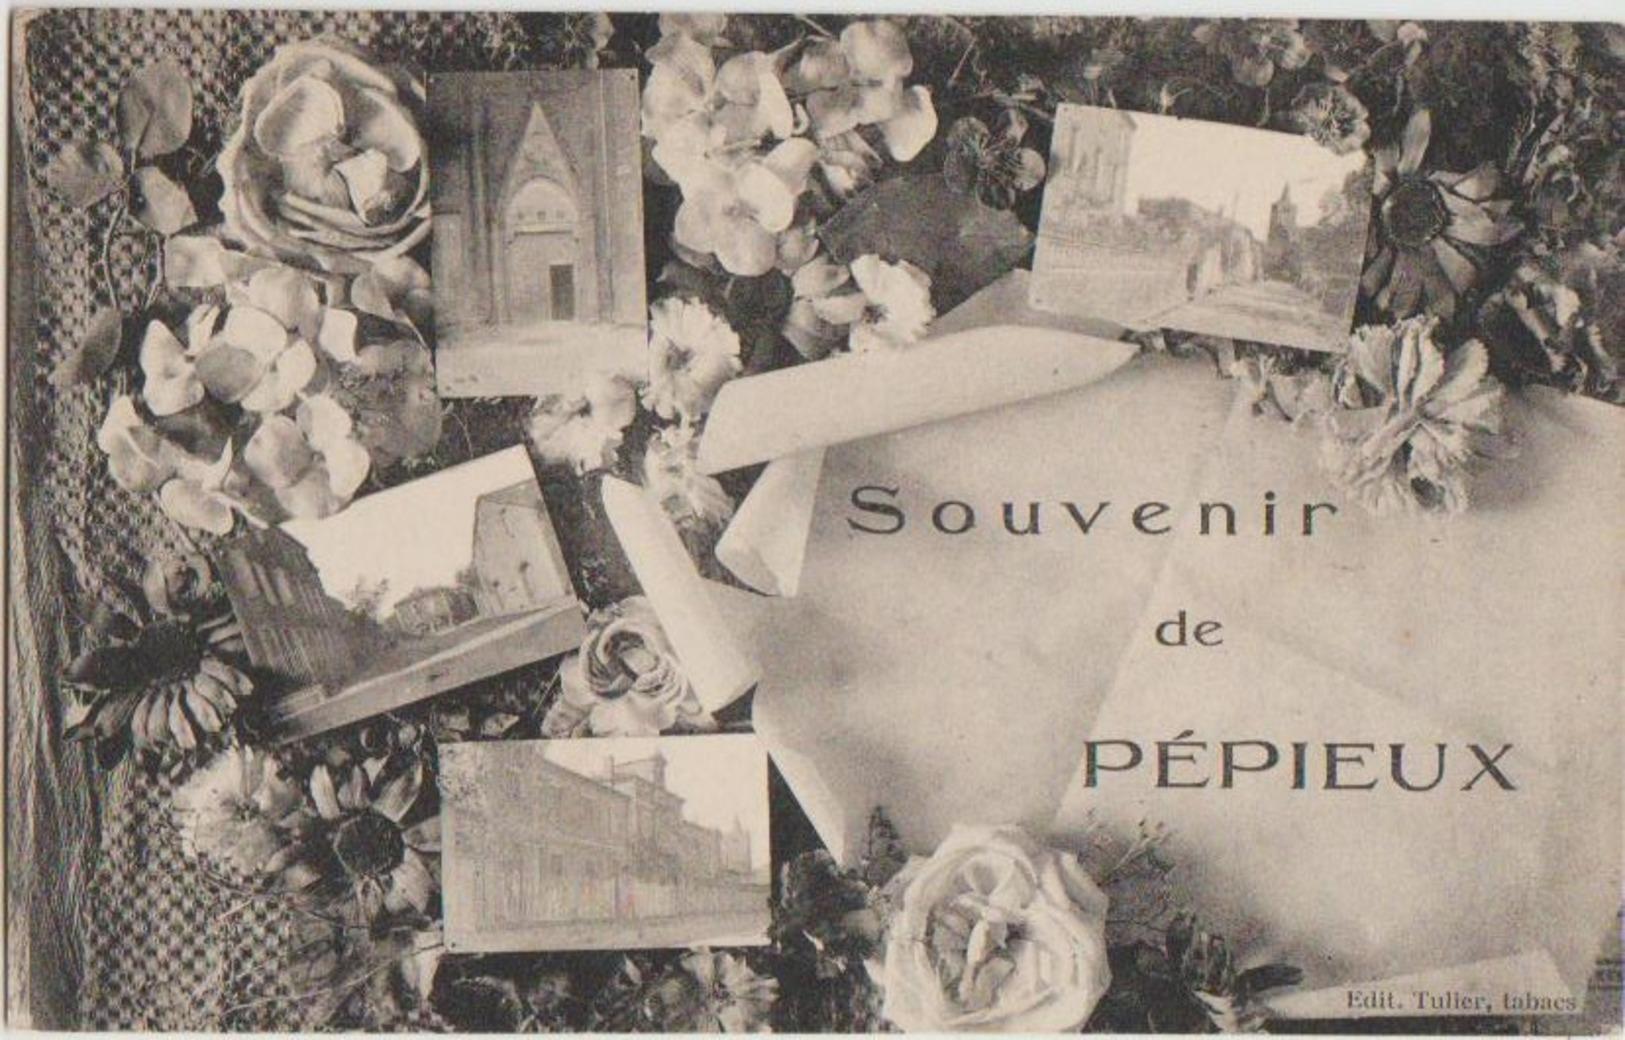 CPA 11 PEPIEUX Souvenir Fantaisie 4 Vues Fleurs - Non Classificati